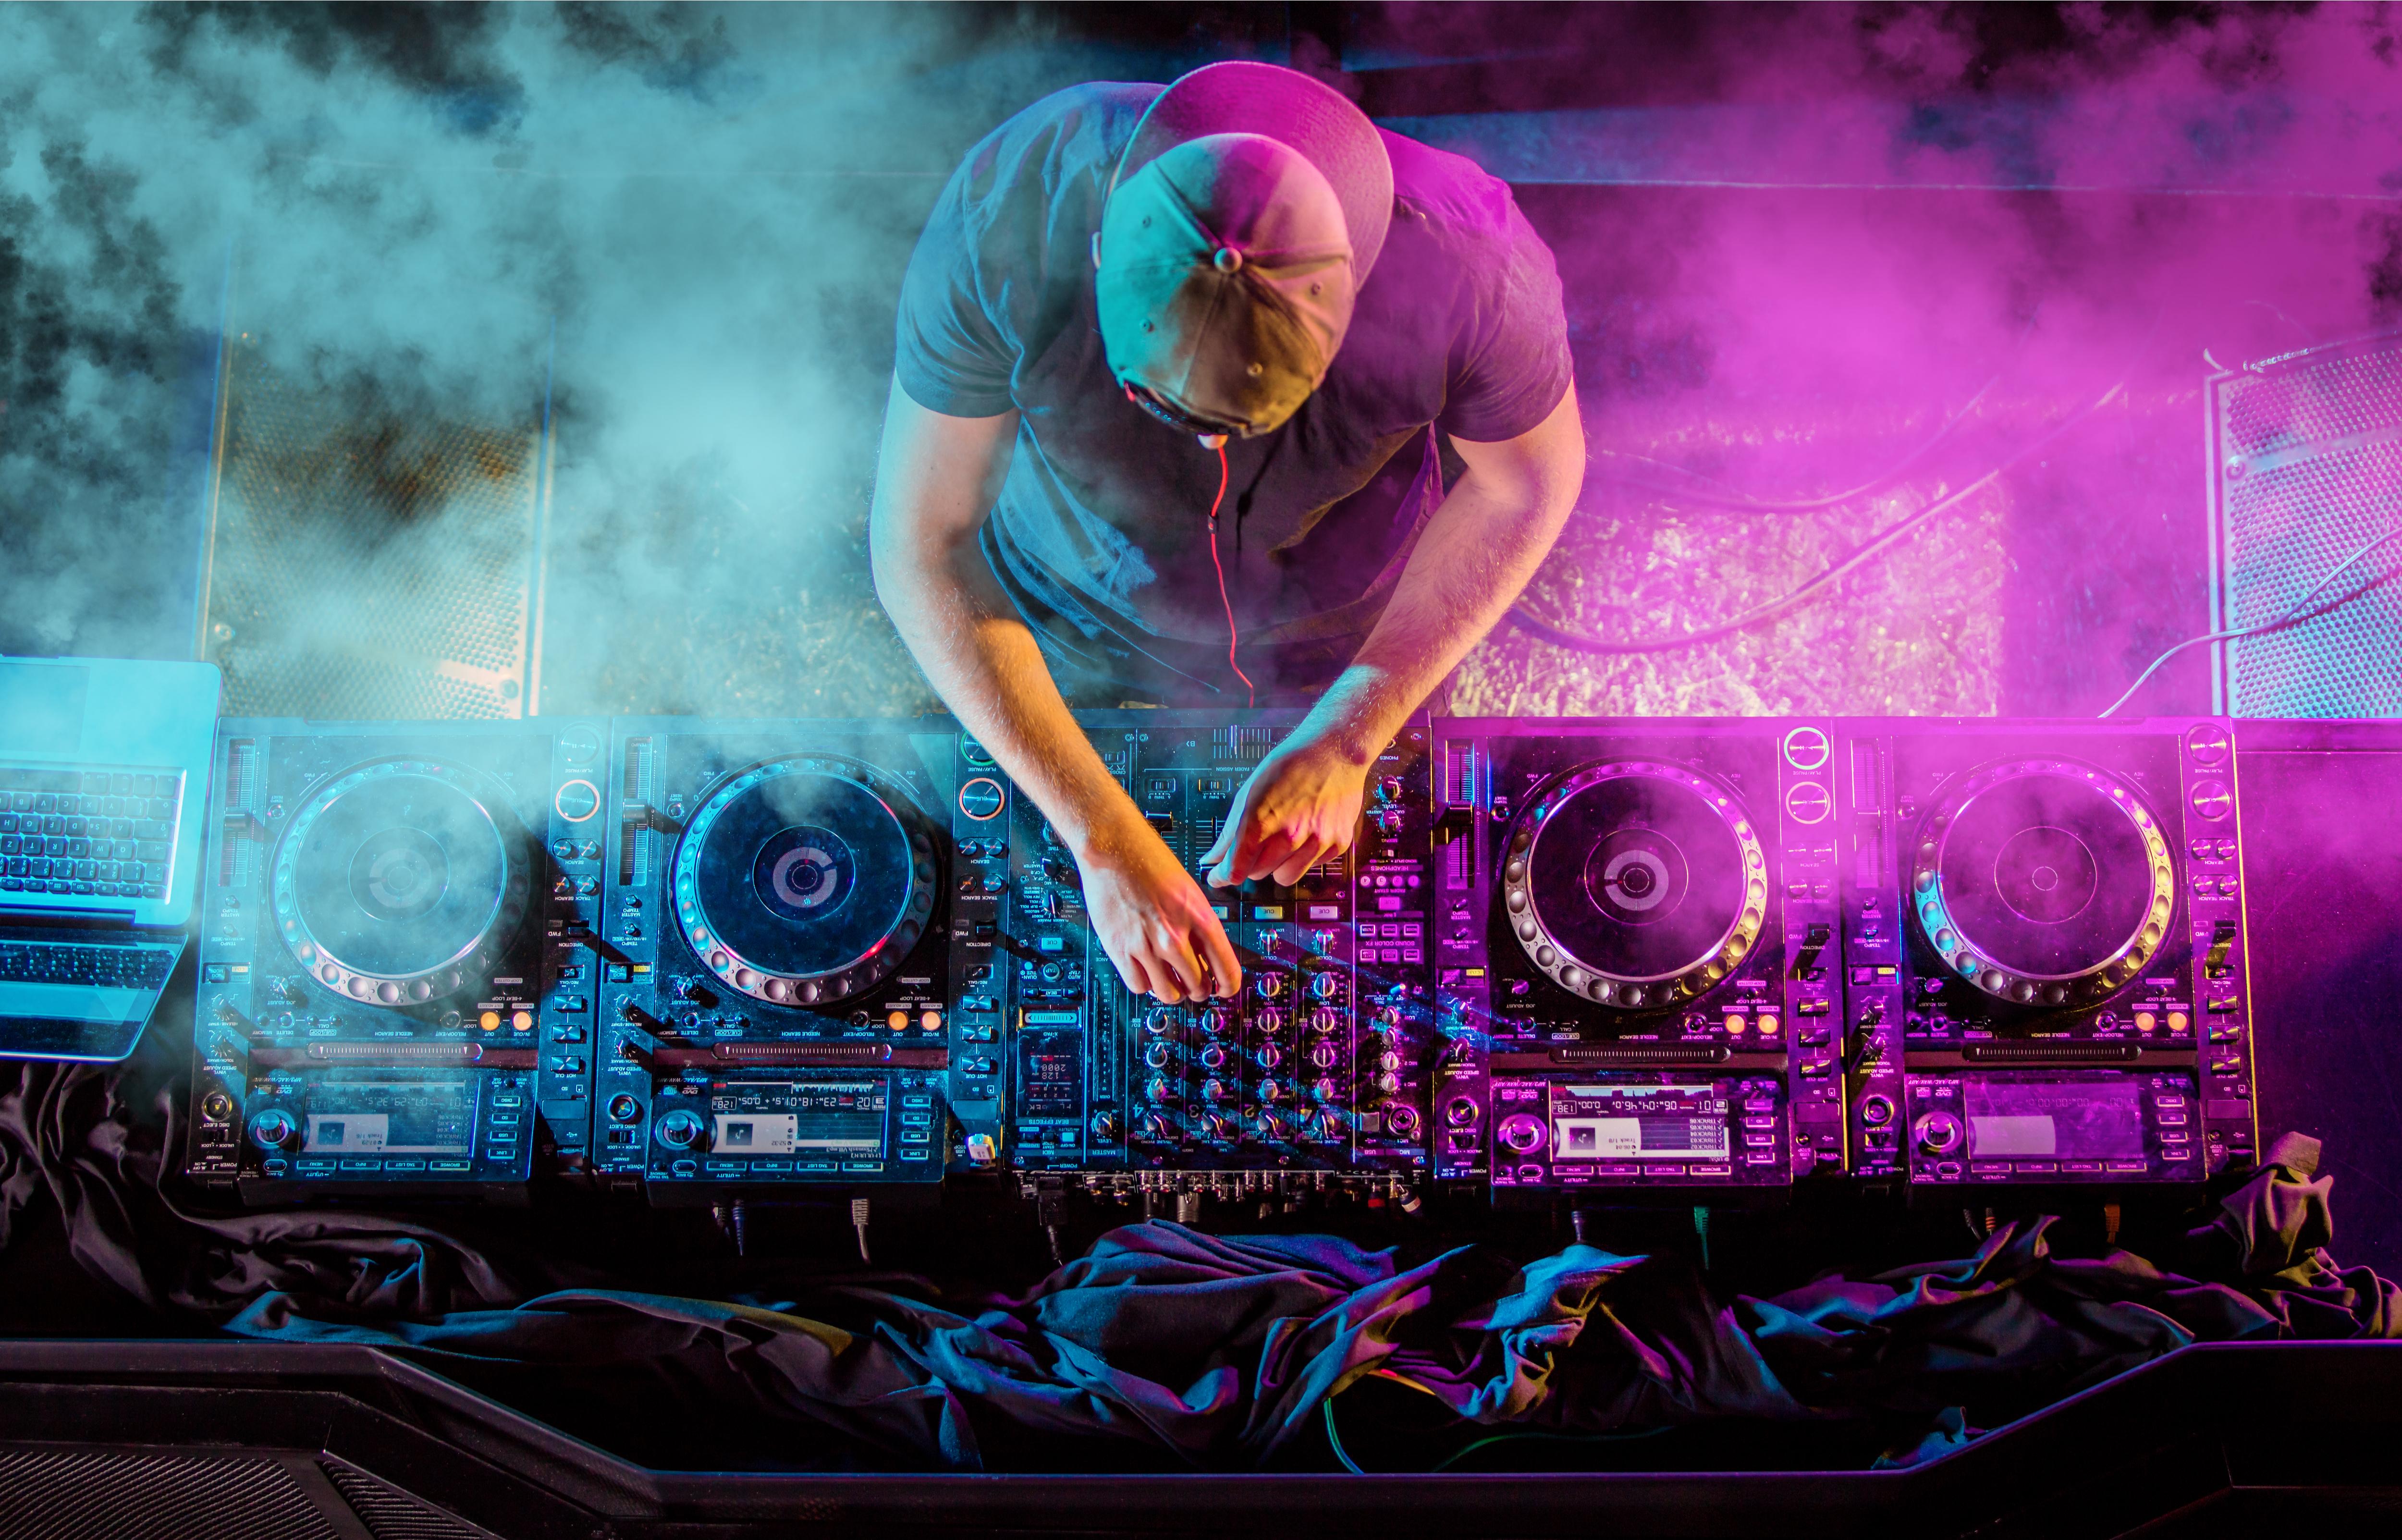 DJ Image for website CURRENT